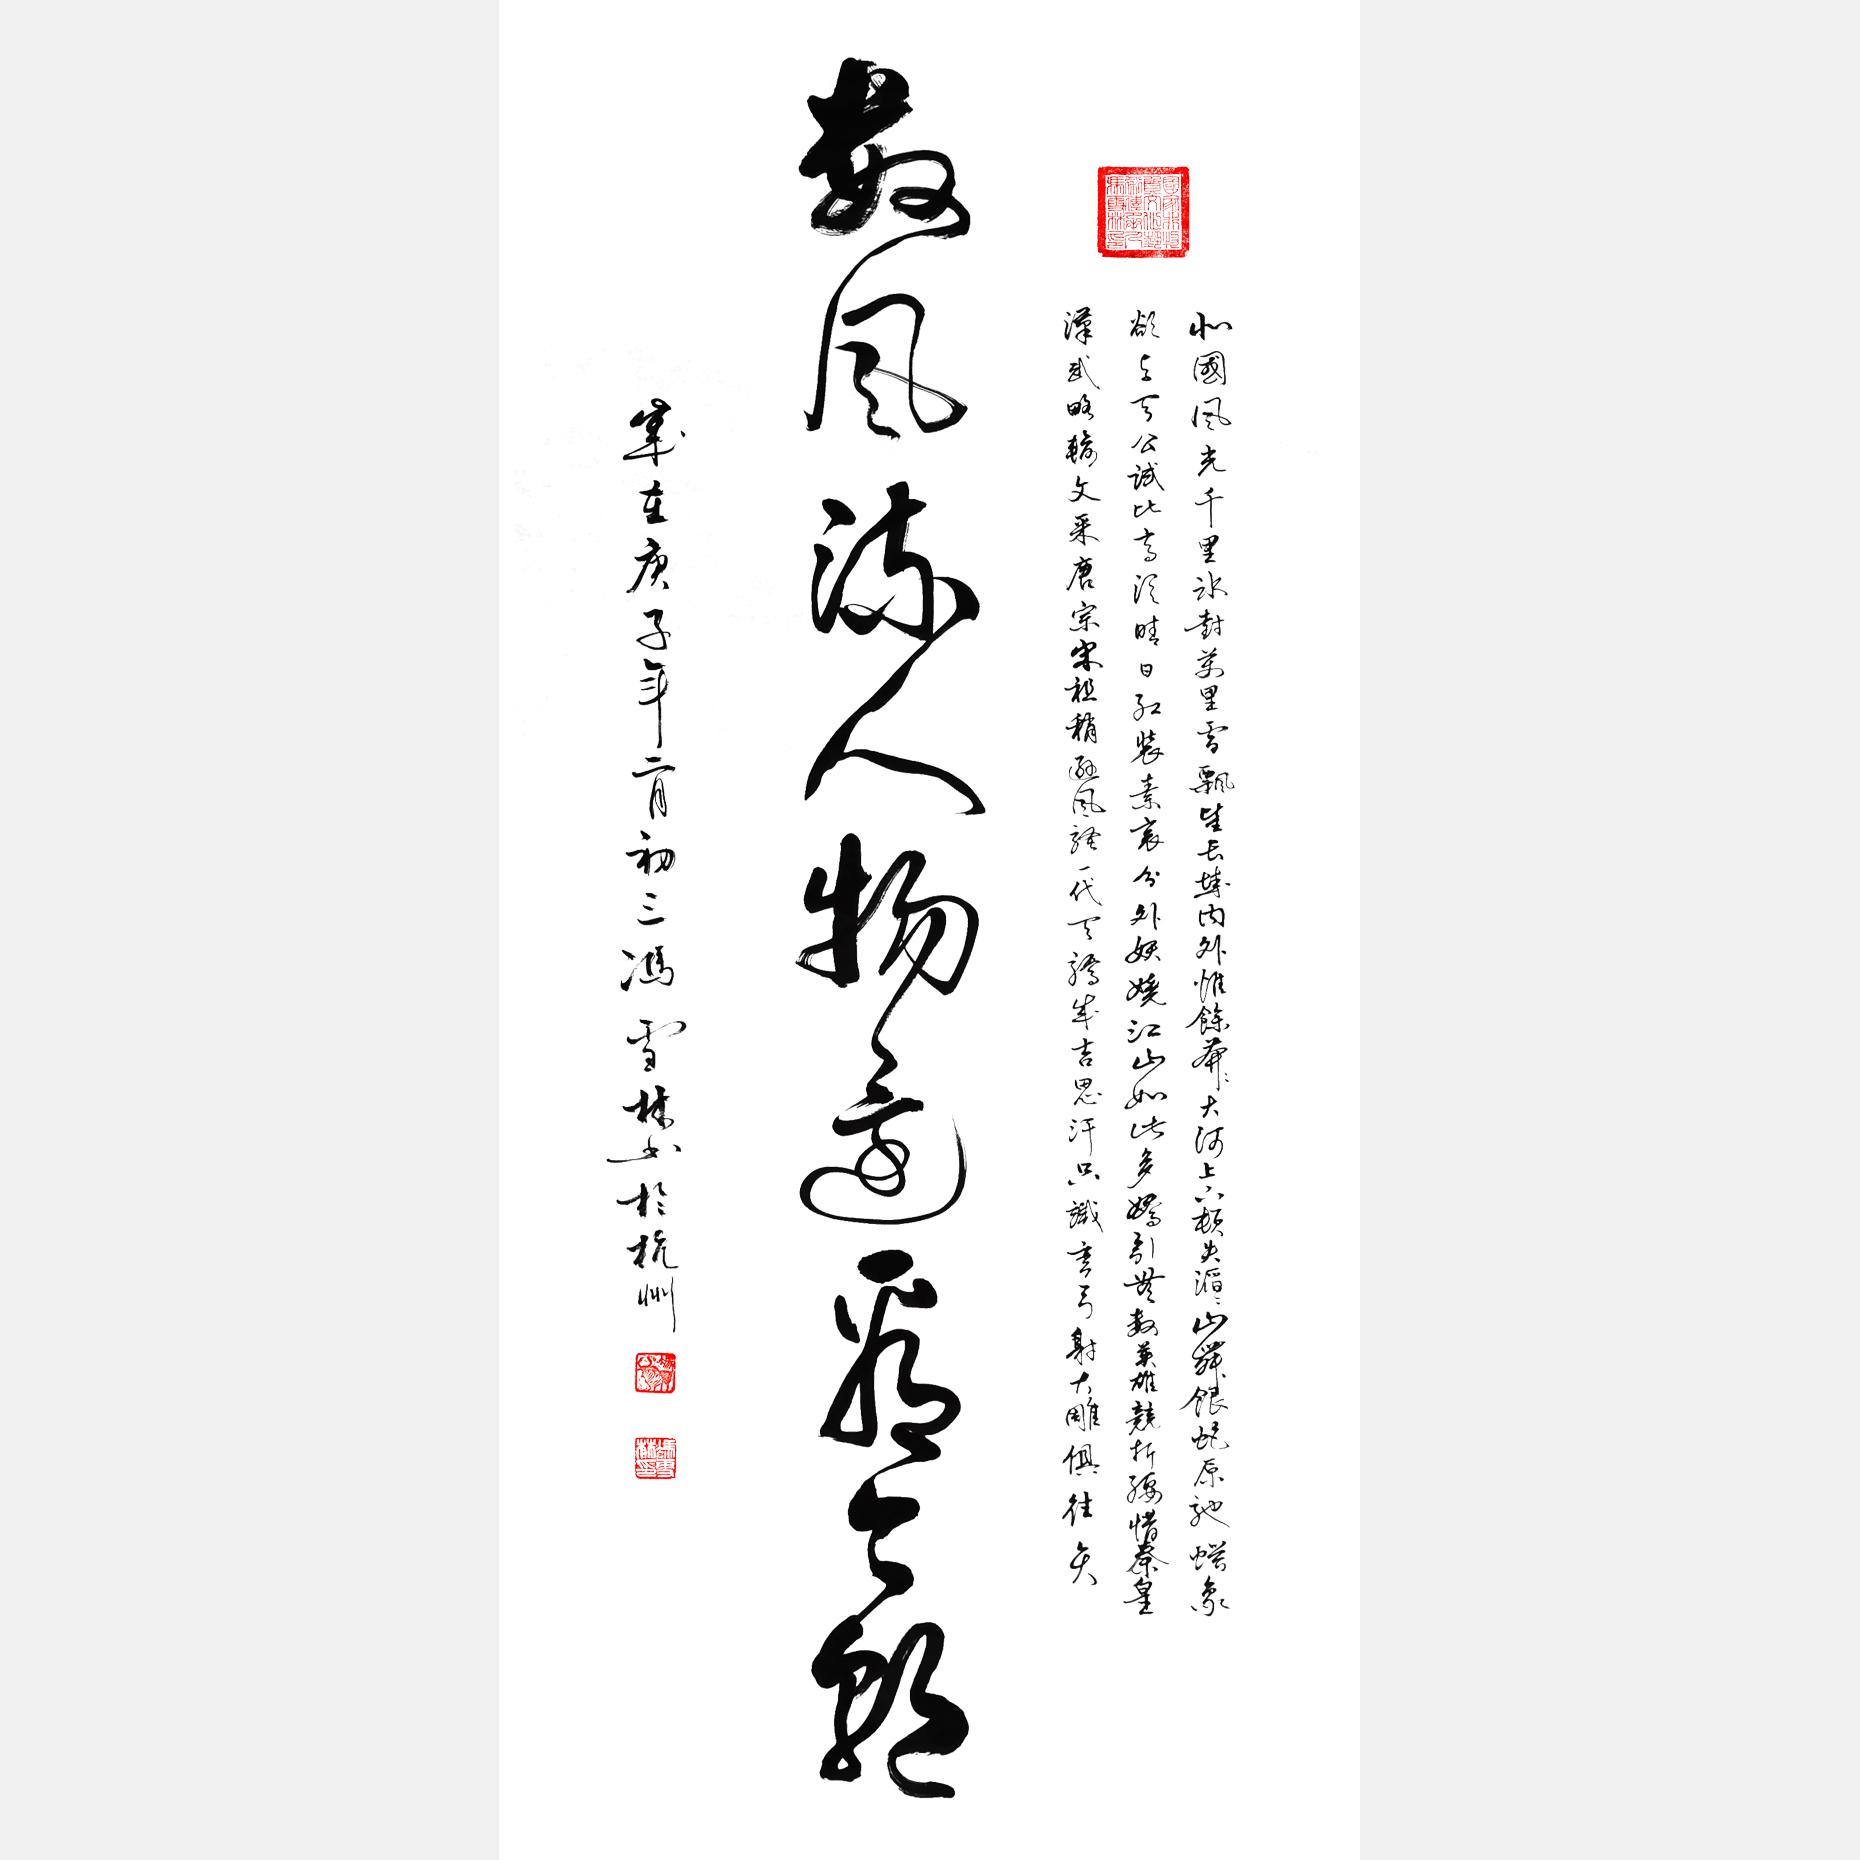 数风流人物还看今朝书法作品欣赏 《沁园春·雪》行草